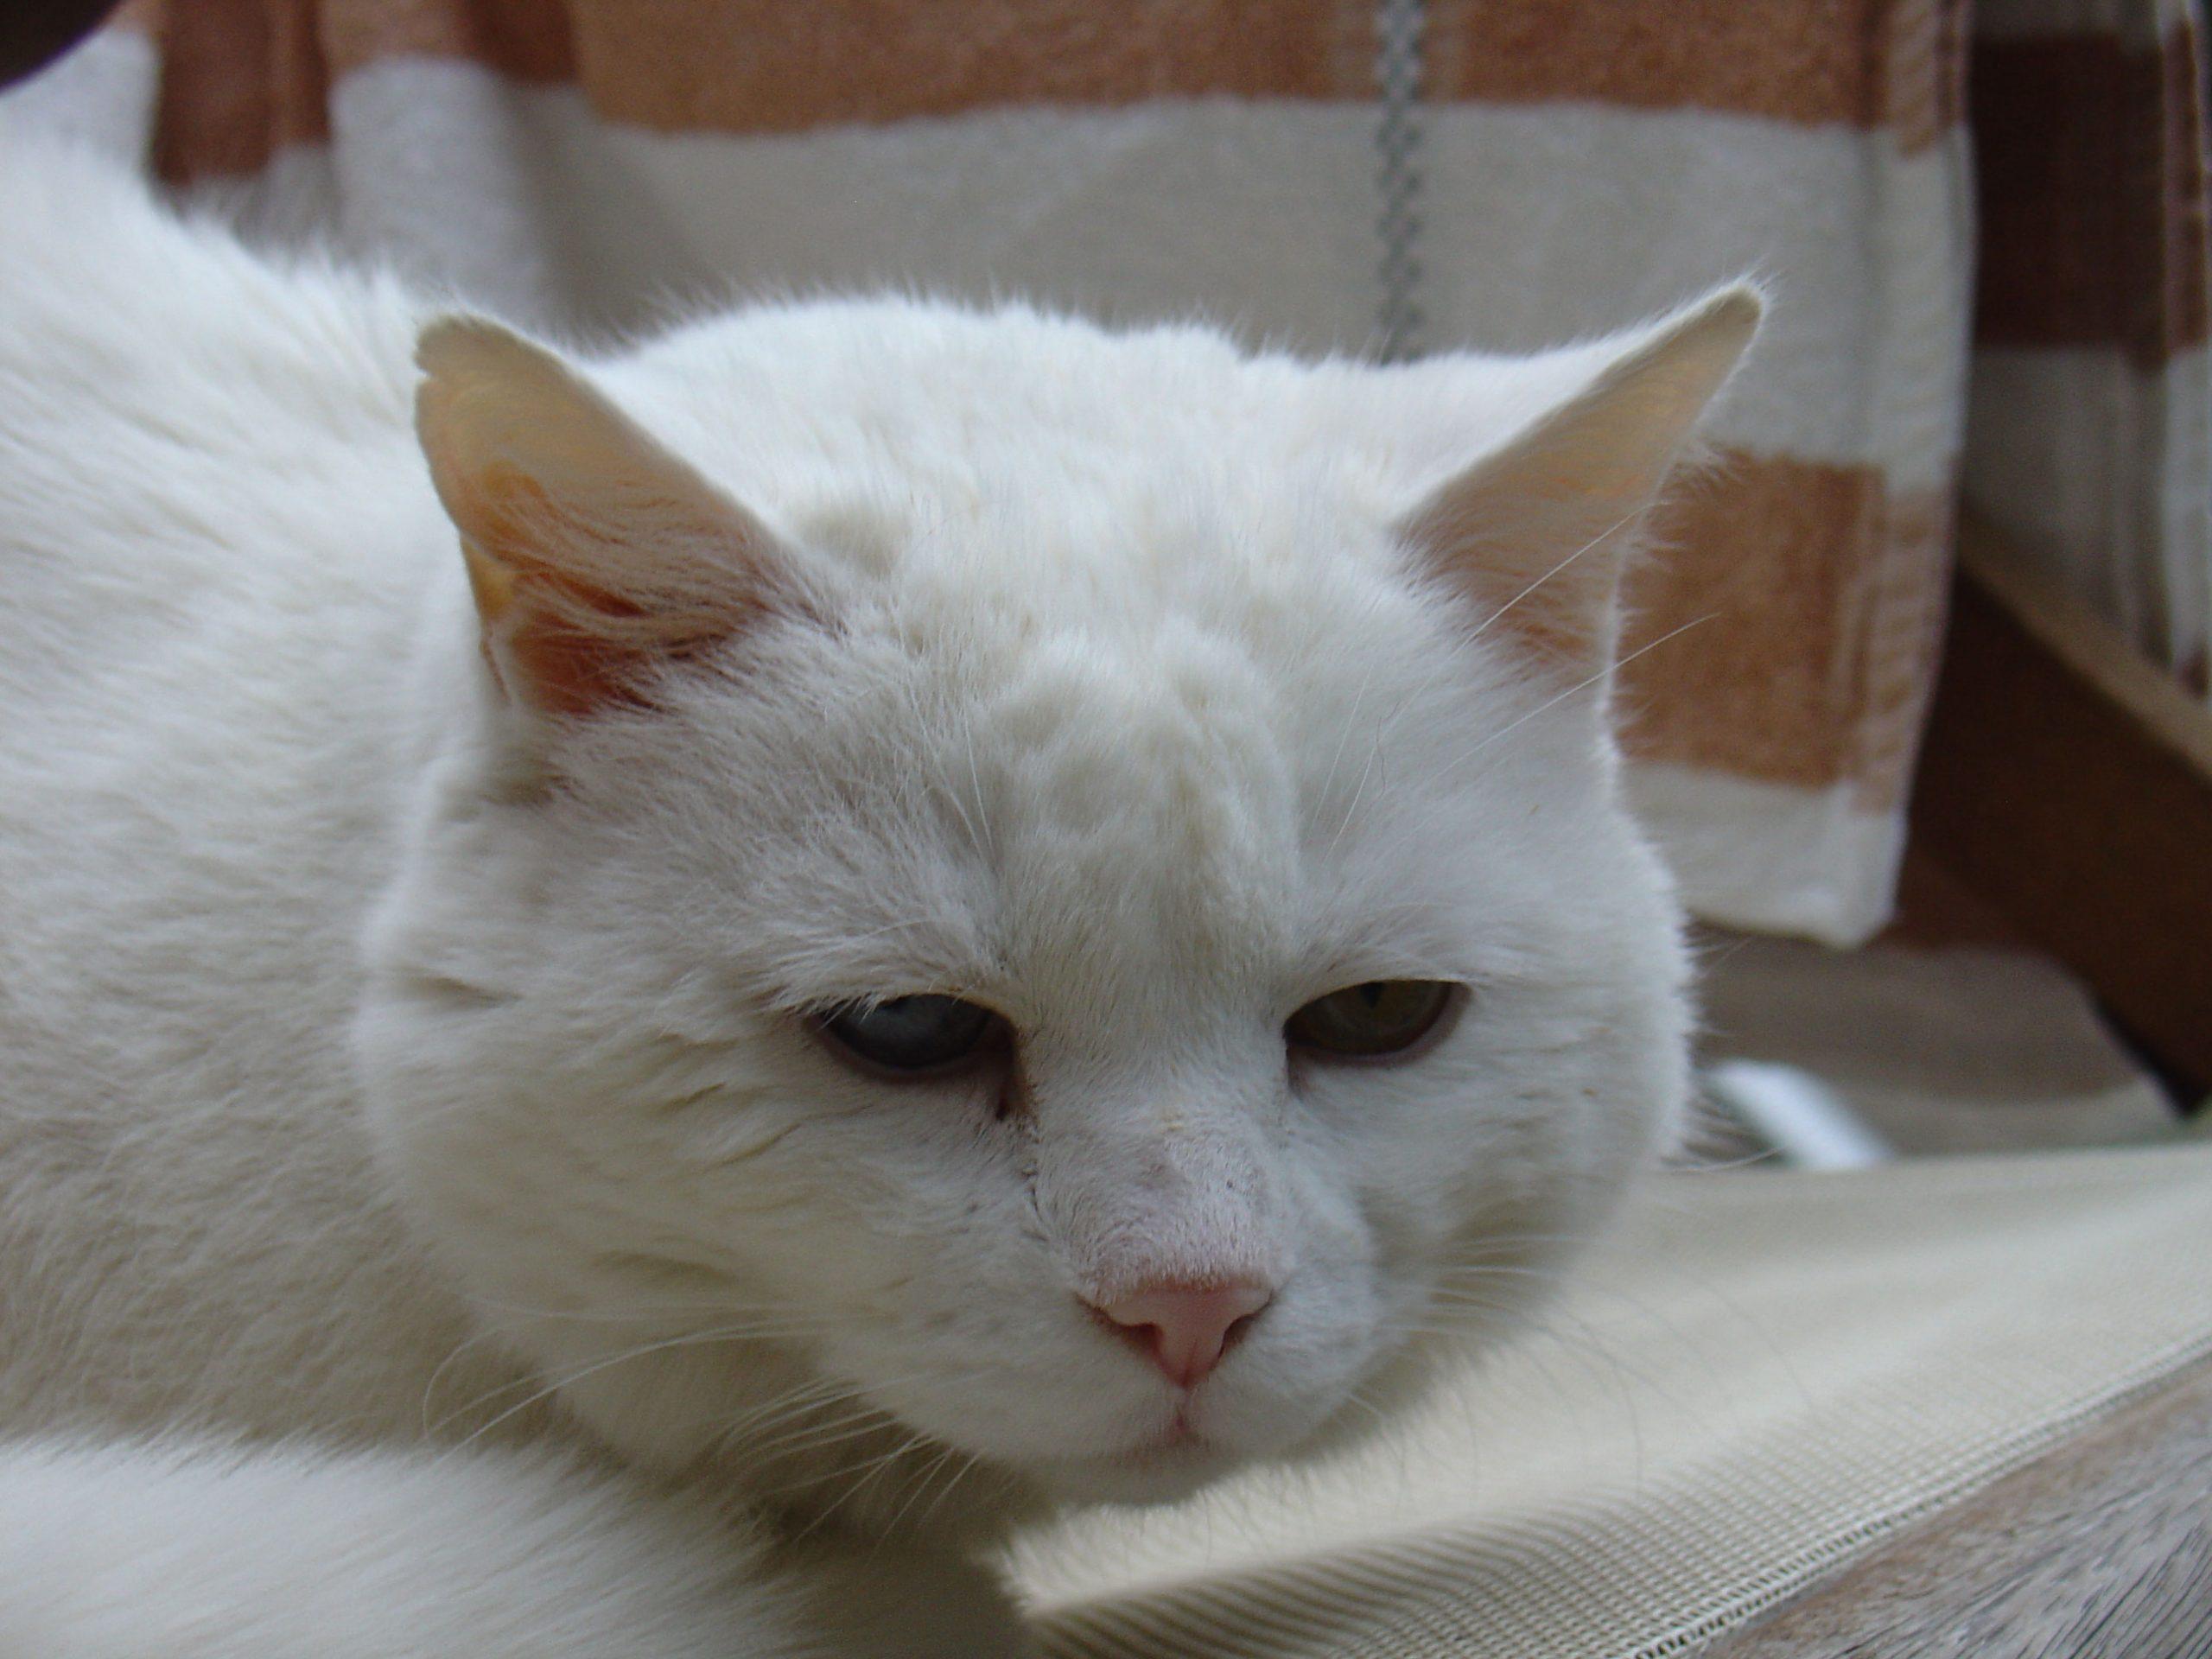 Symptome Von Schmerz Bei Katzen - Katzenverhaltensberatung über Was Bedeutet Es Wenn Eine Katze Schnurrt